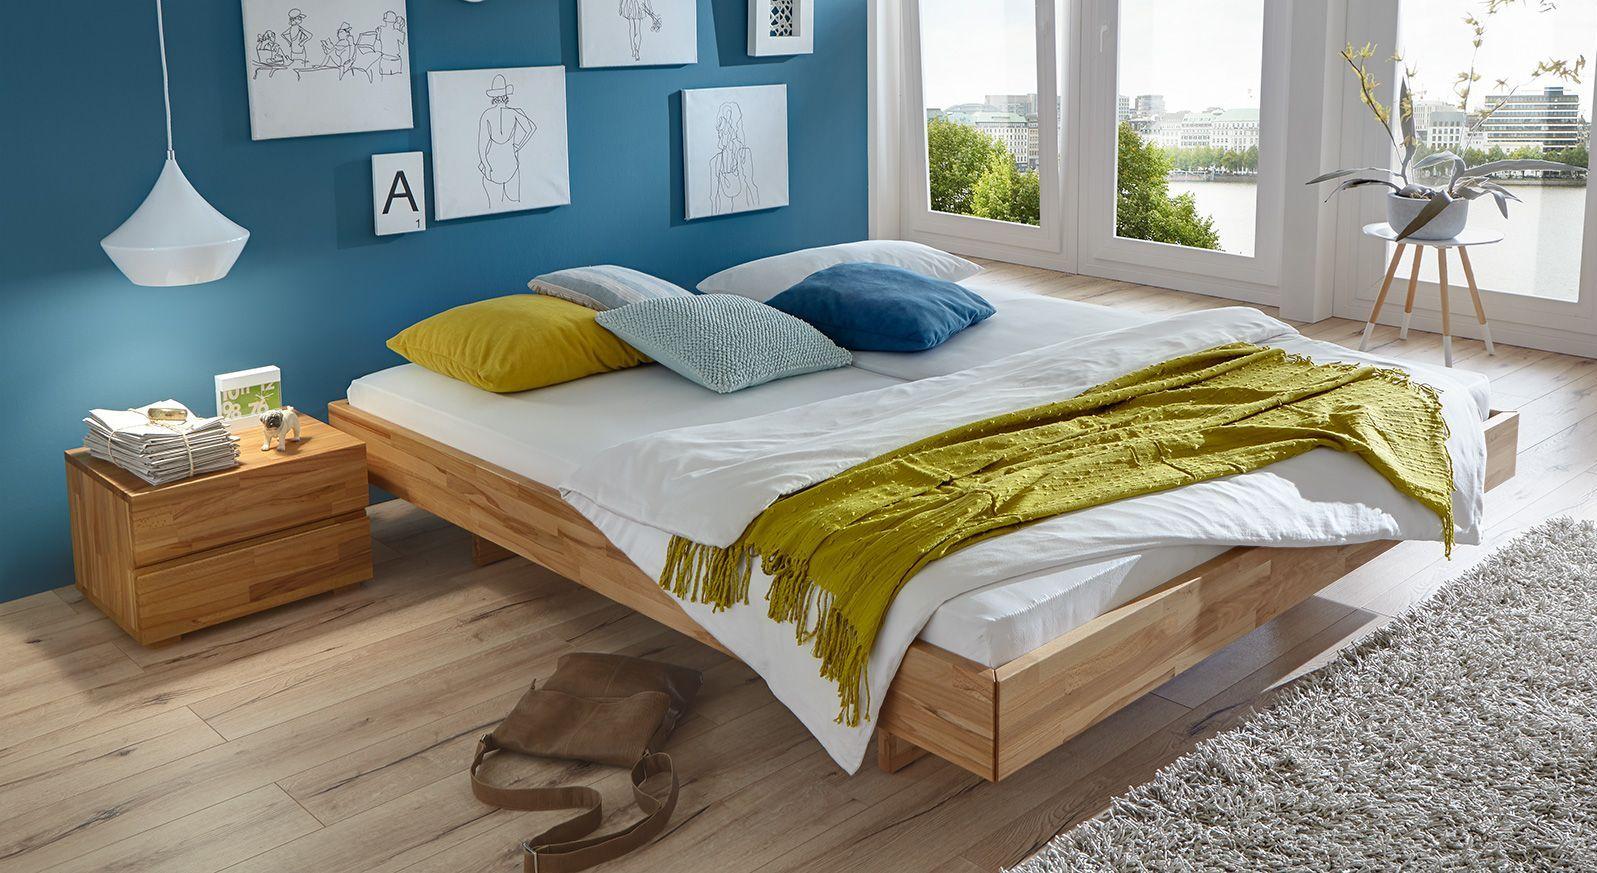 Komfortable Liege Rimini mit passenden, hochwertigen Produkten